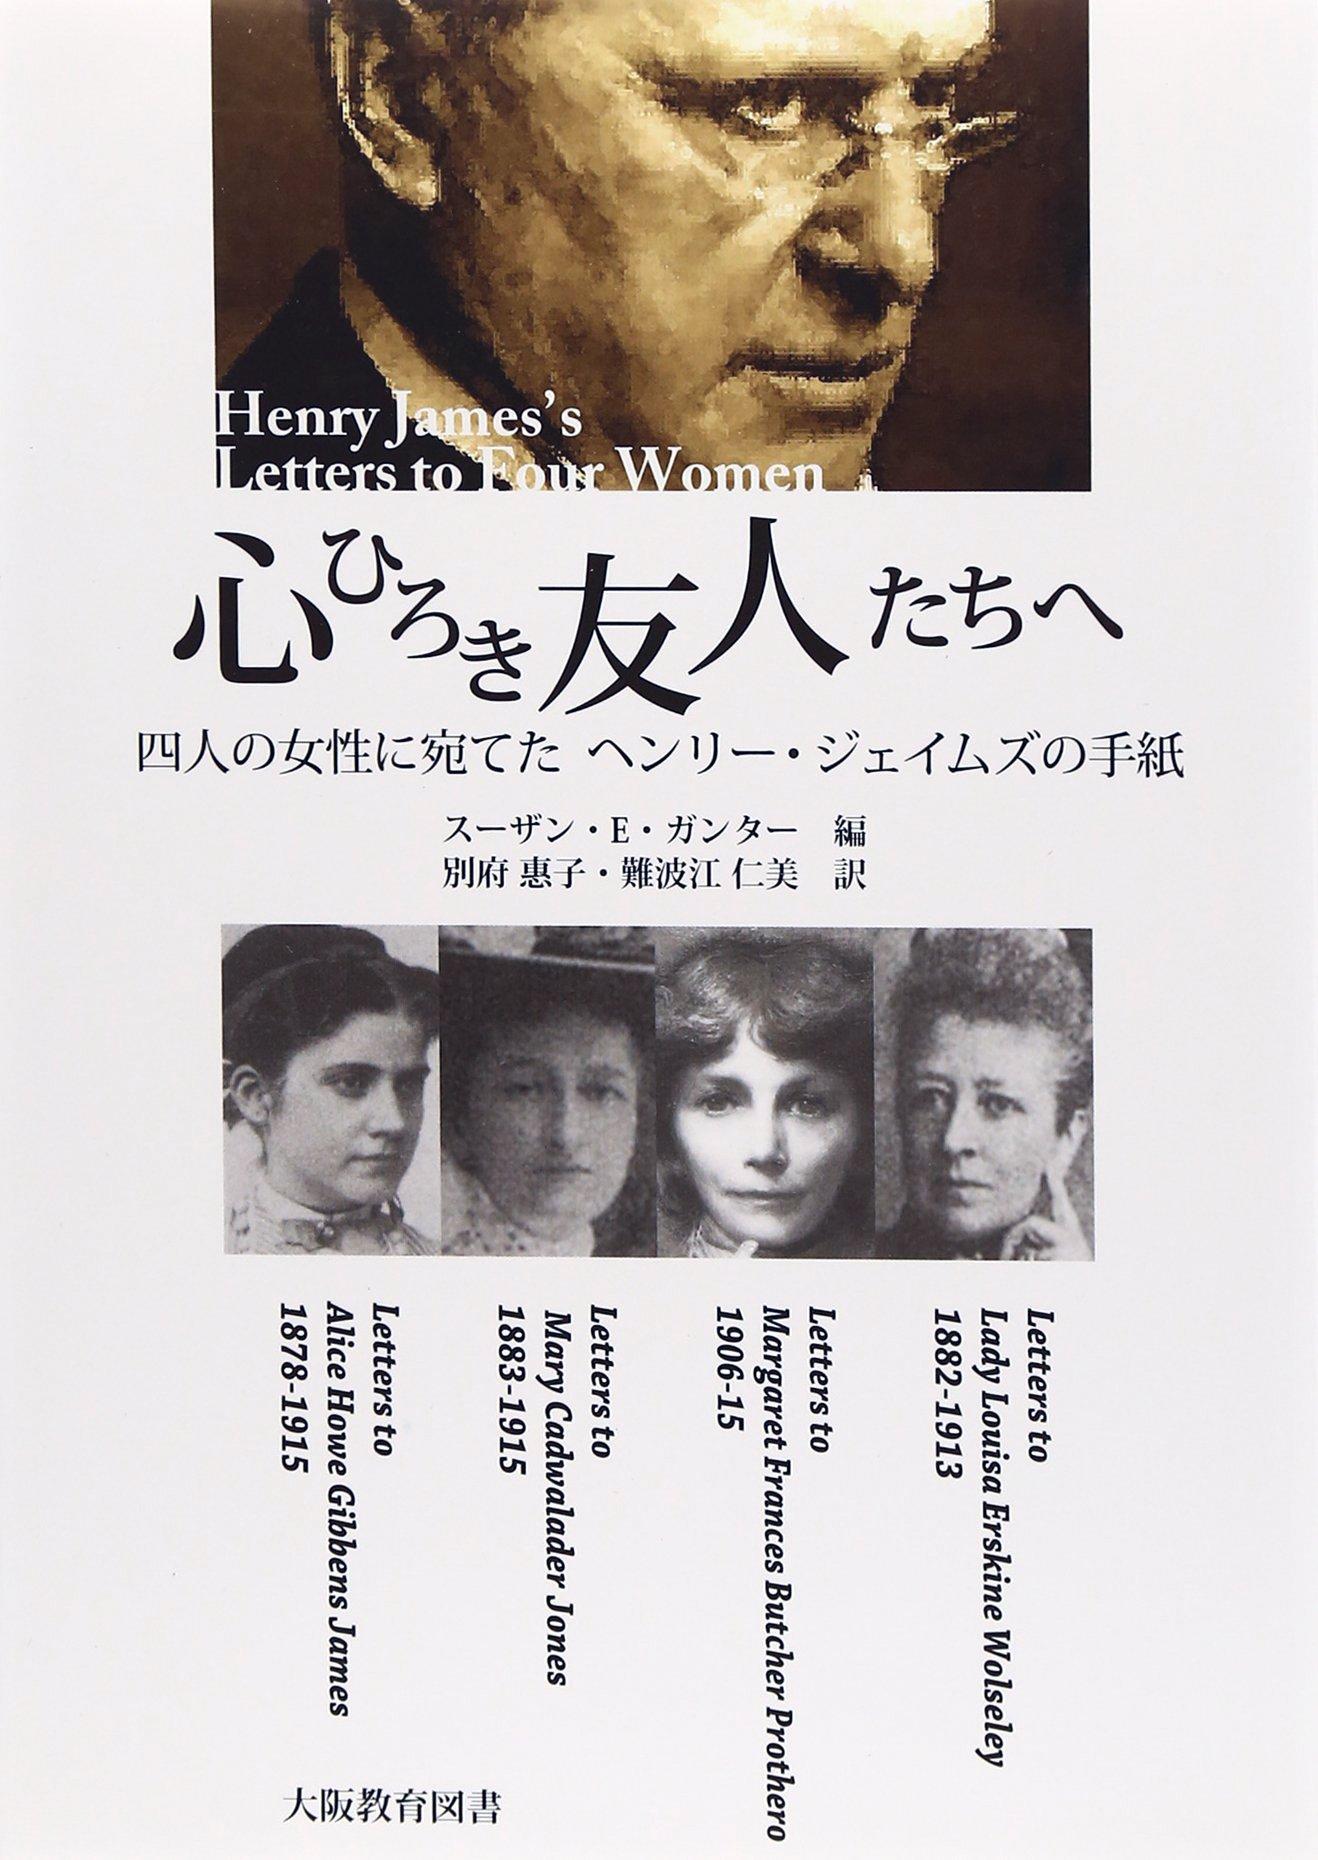 Download Kokoro hiroki yūjintachi e : yonin no josei ni ateta henrī jeimuzu no tegami ebook